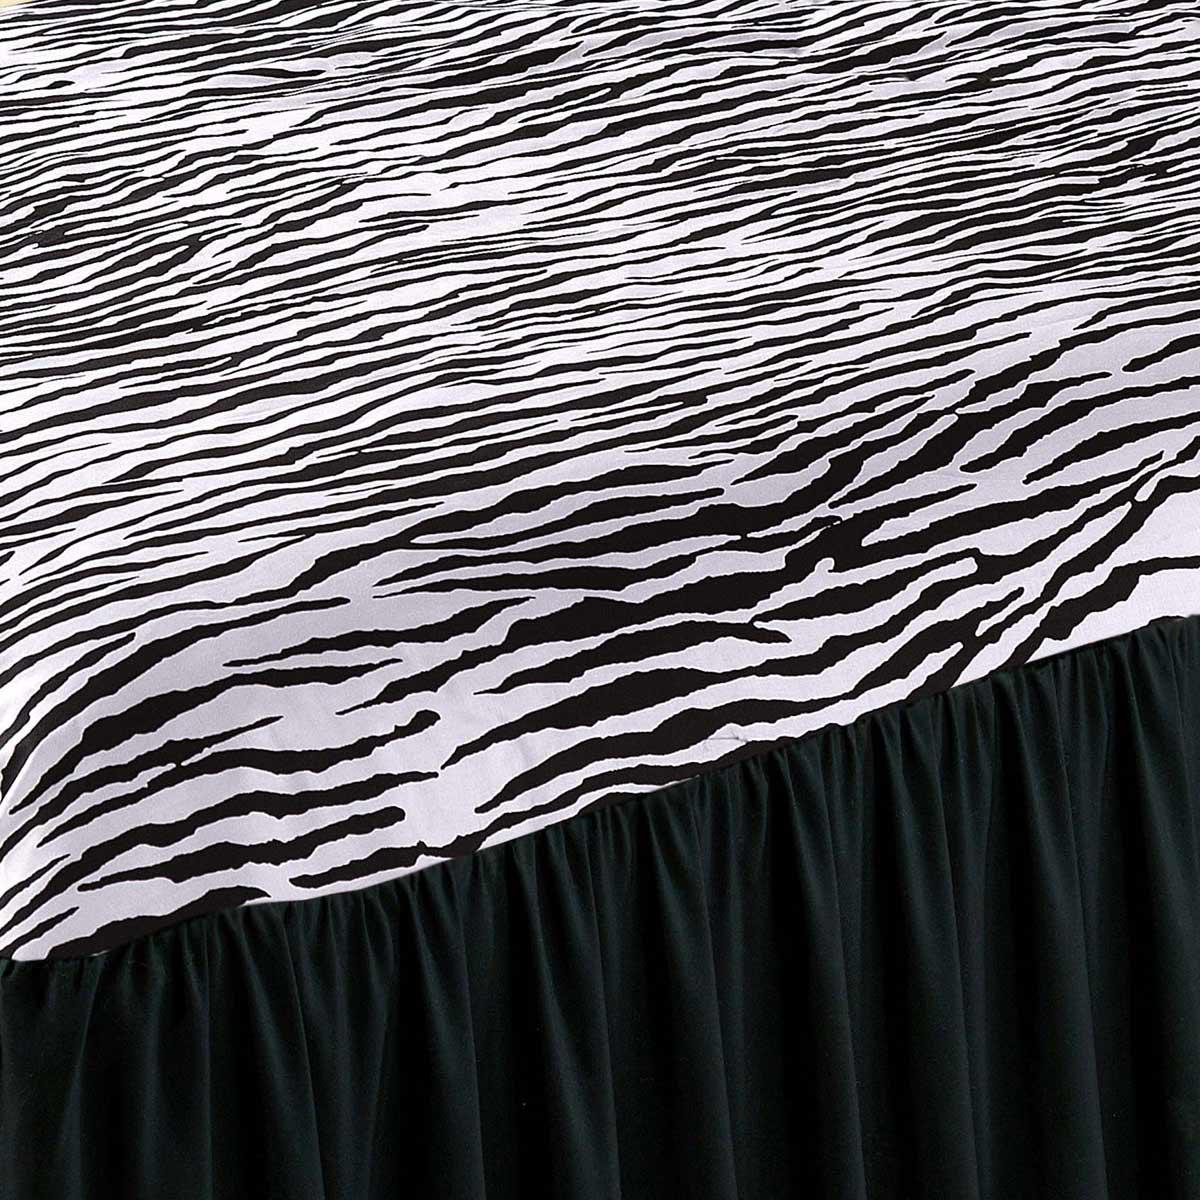 Colcha Felina Casal Zebra com 5 peças Poliéster e Polipropileno